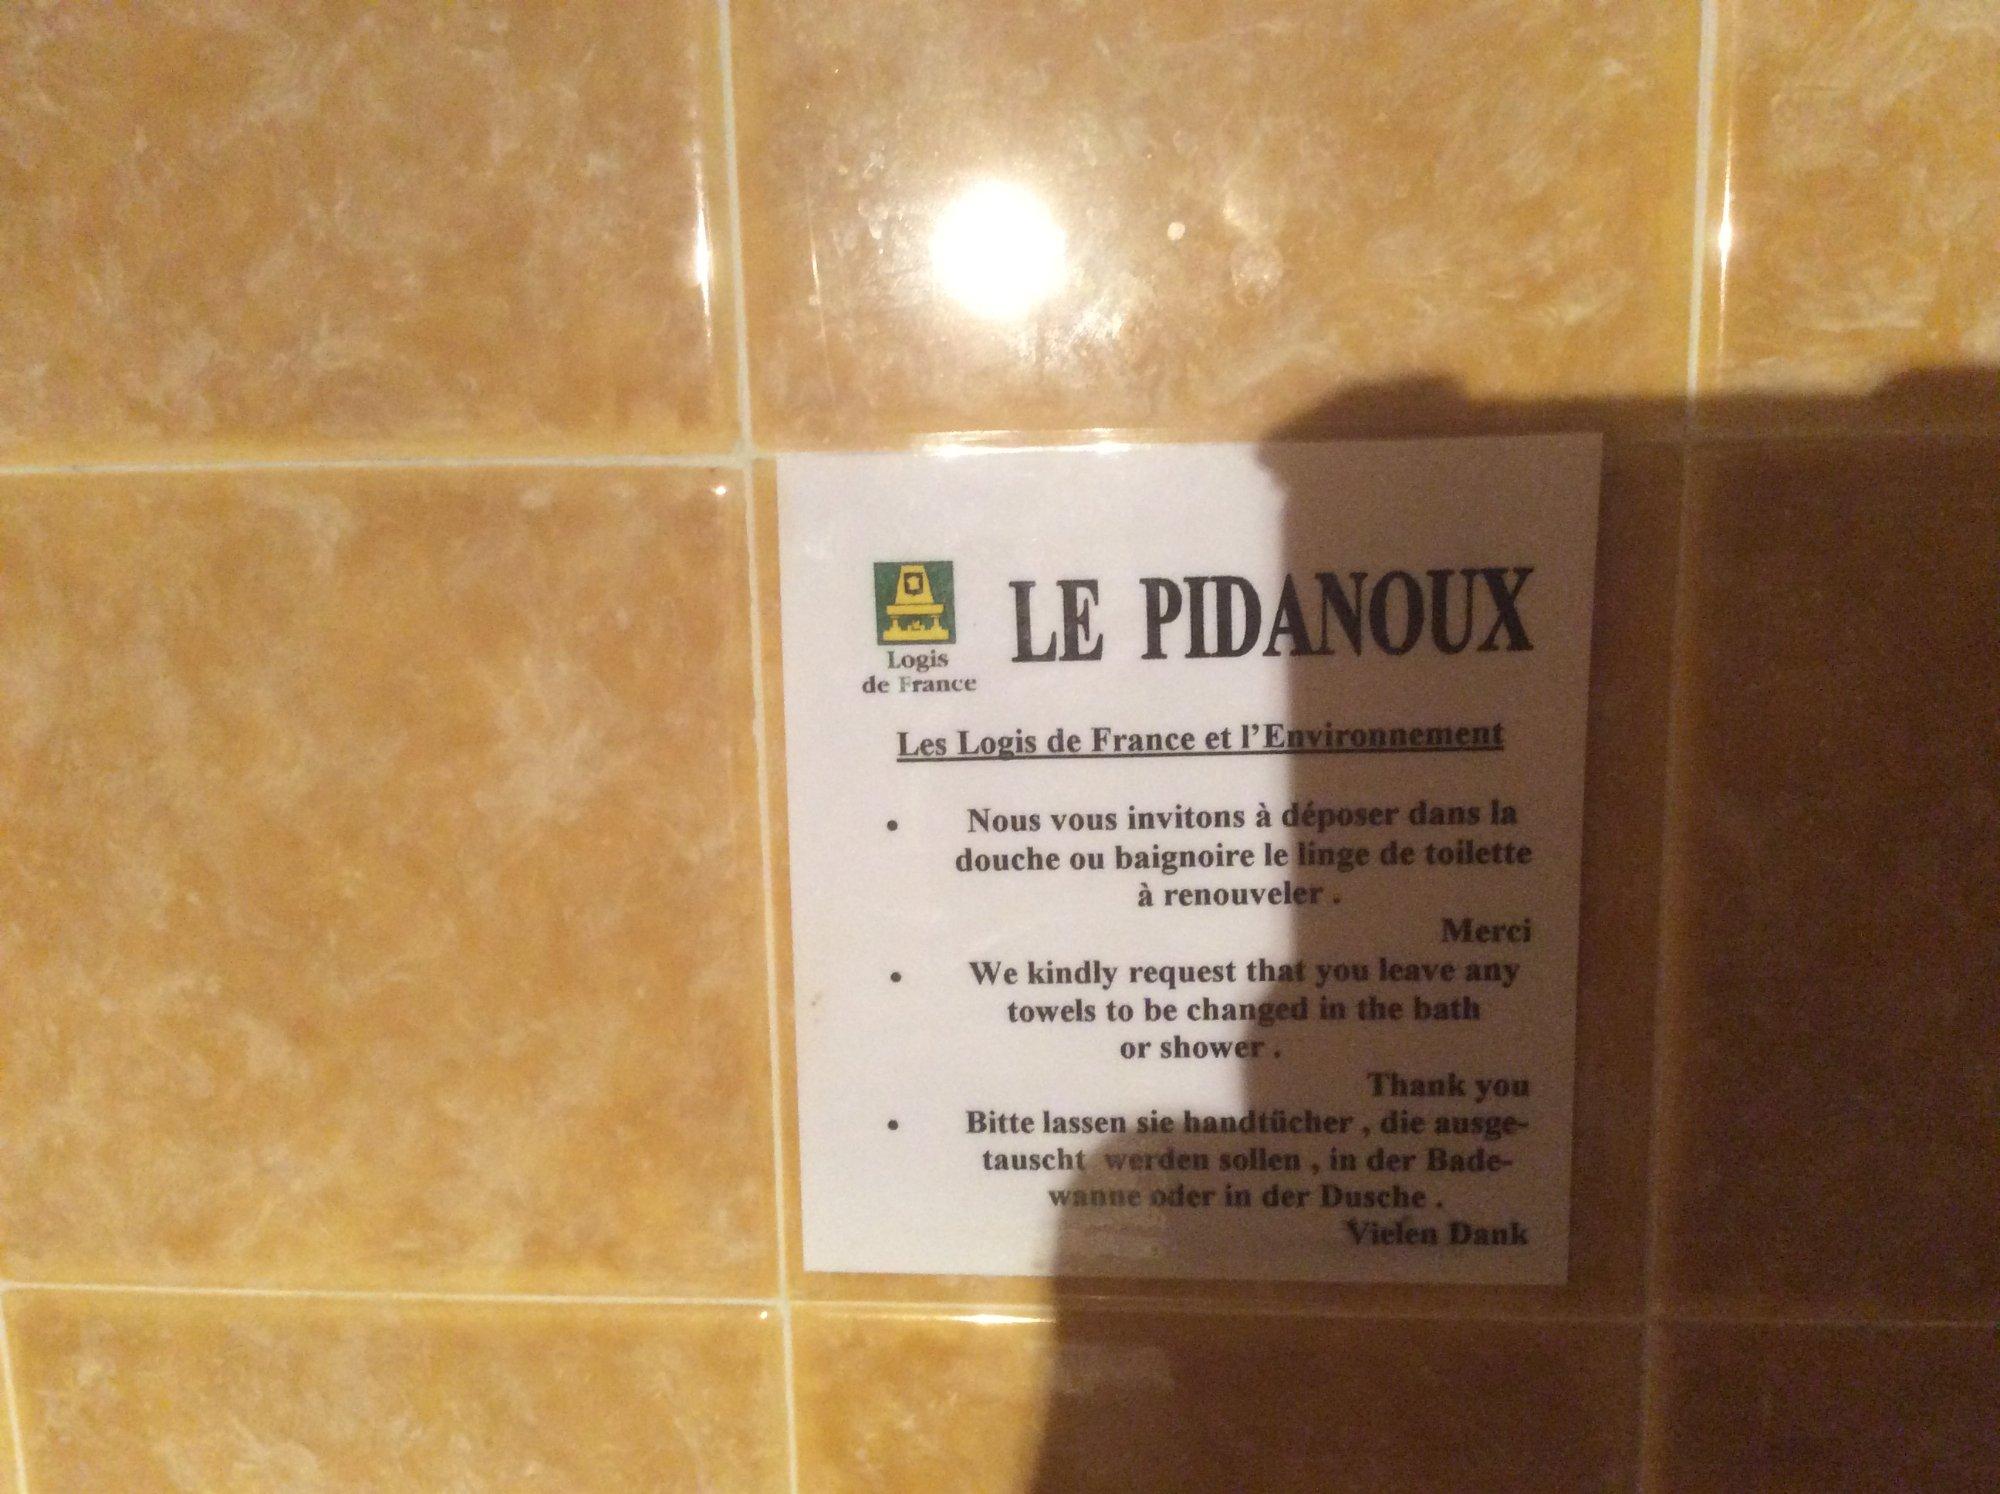 Le Pidanoux